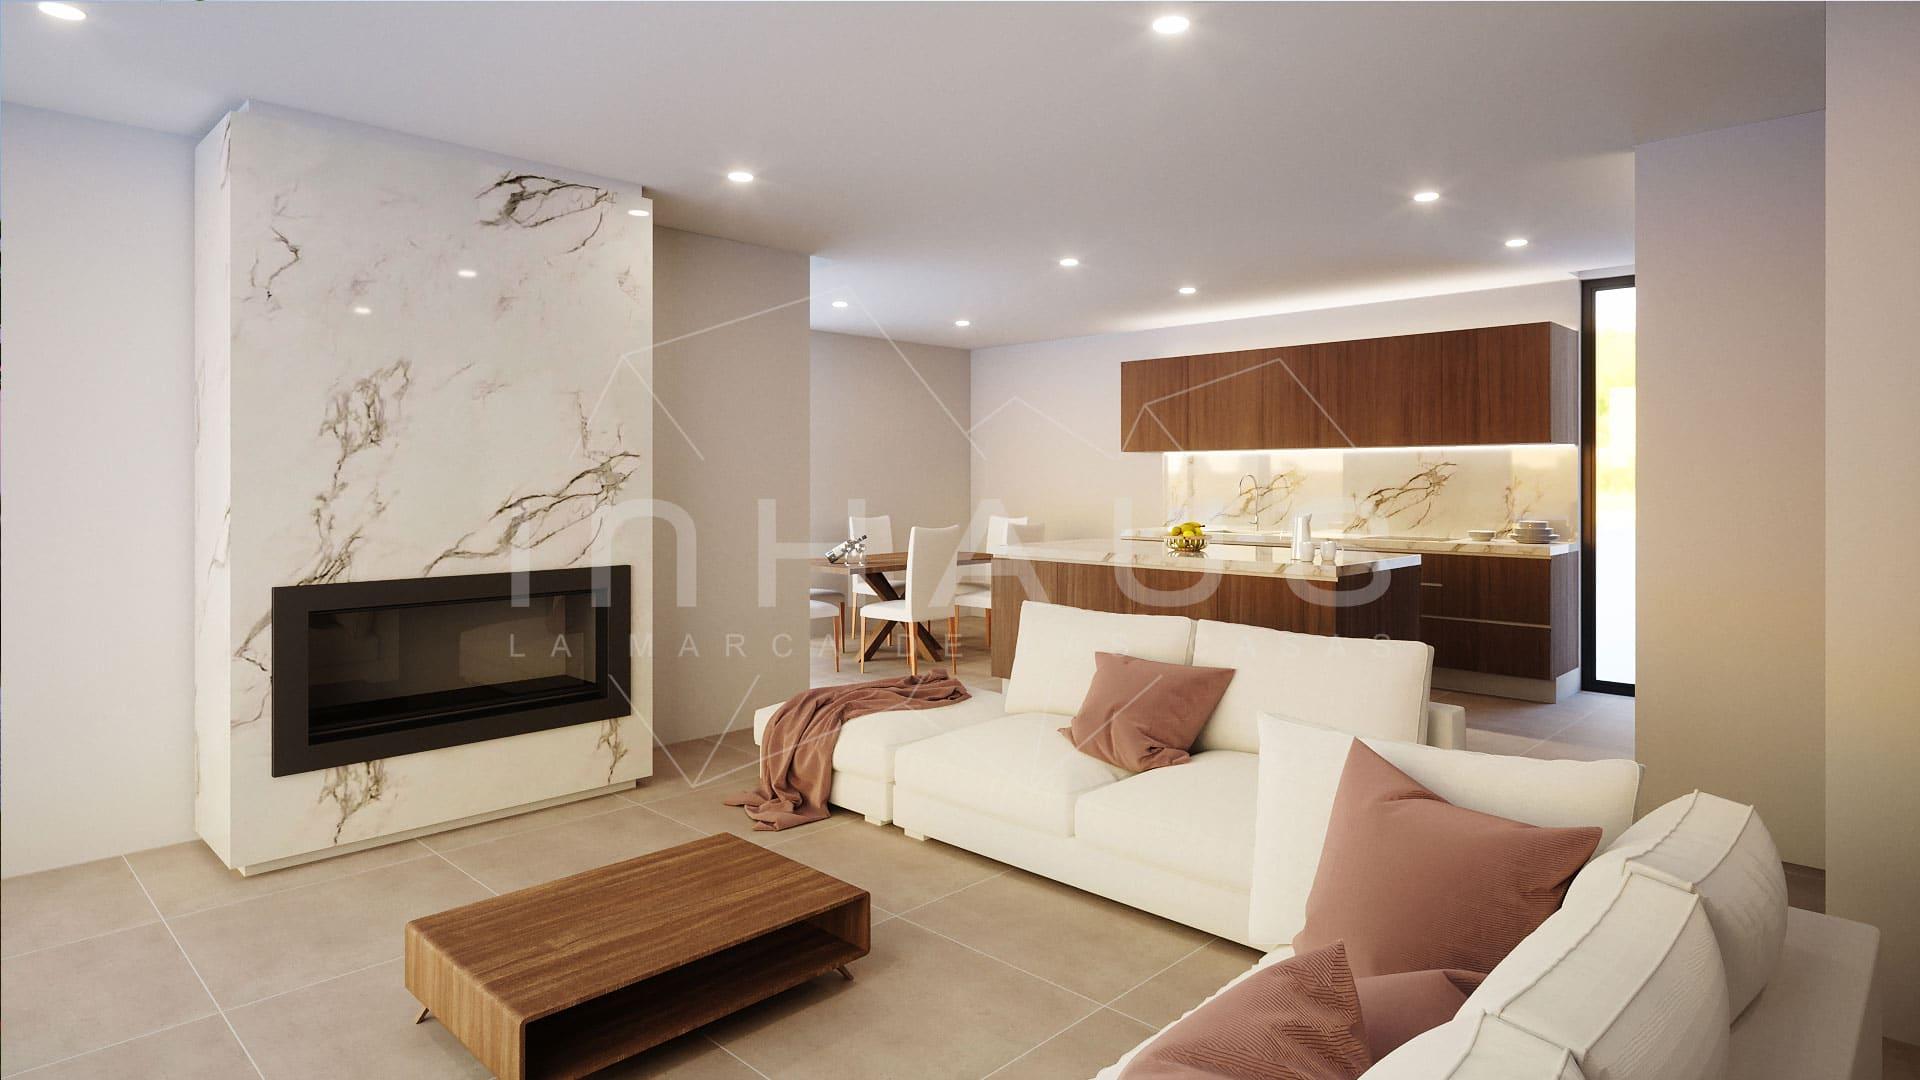 como-construir-una-casa-en-60-dias_foto-04_interior-casas-inhaus